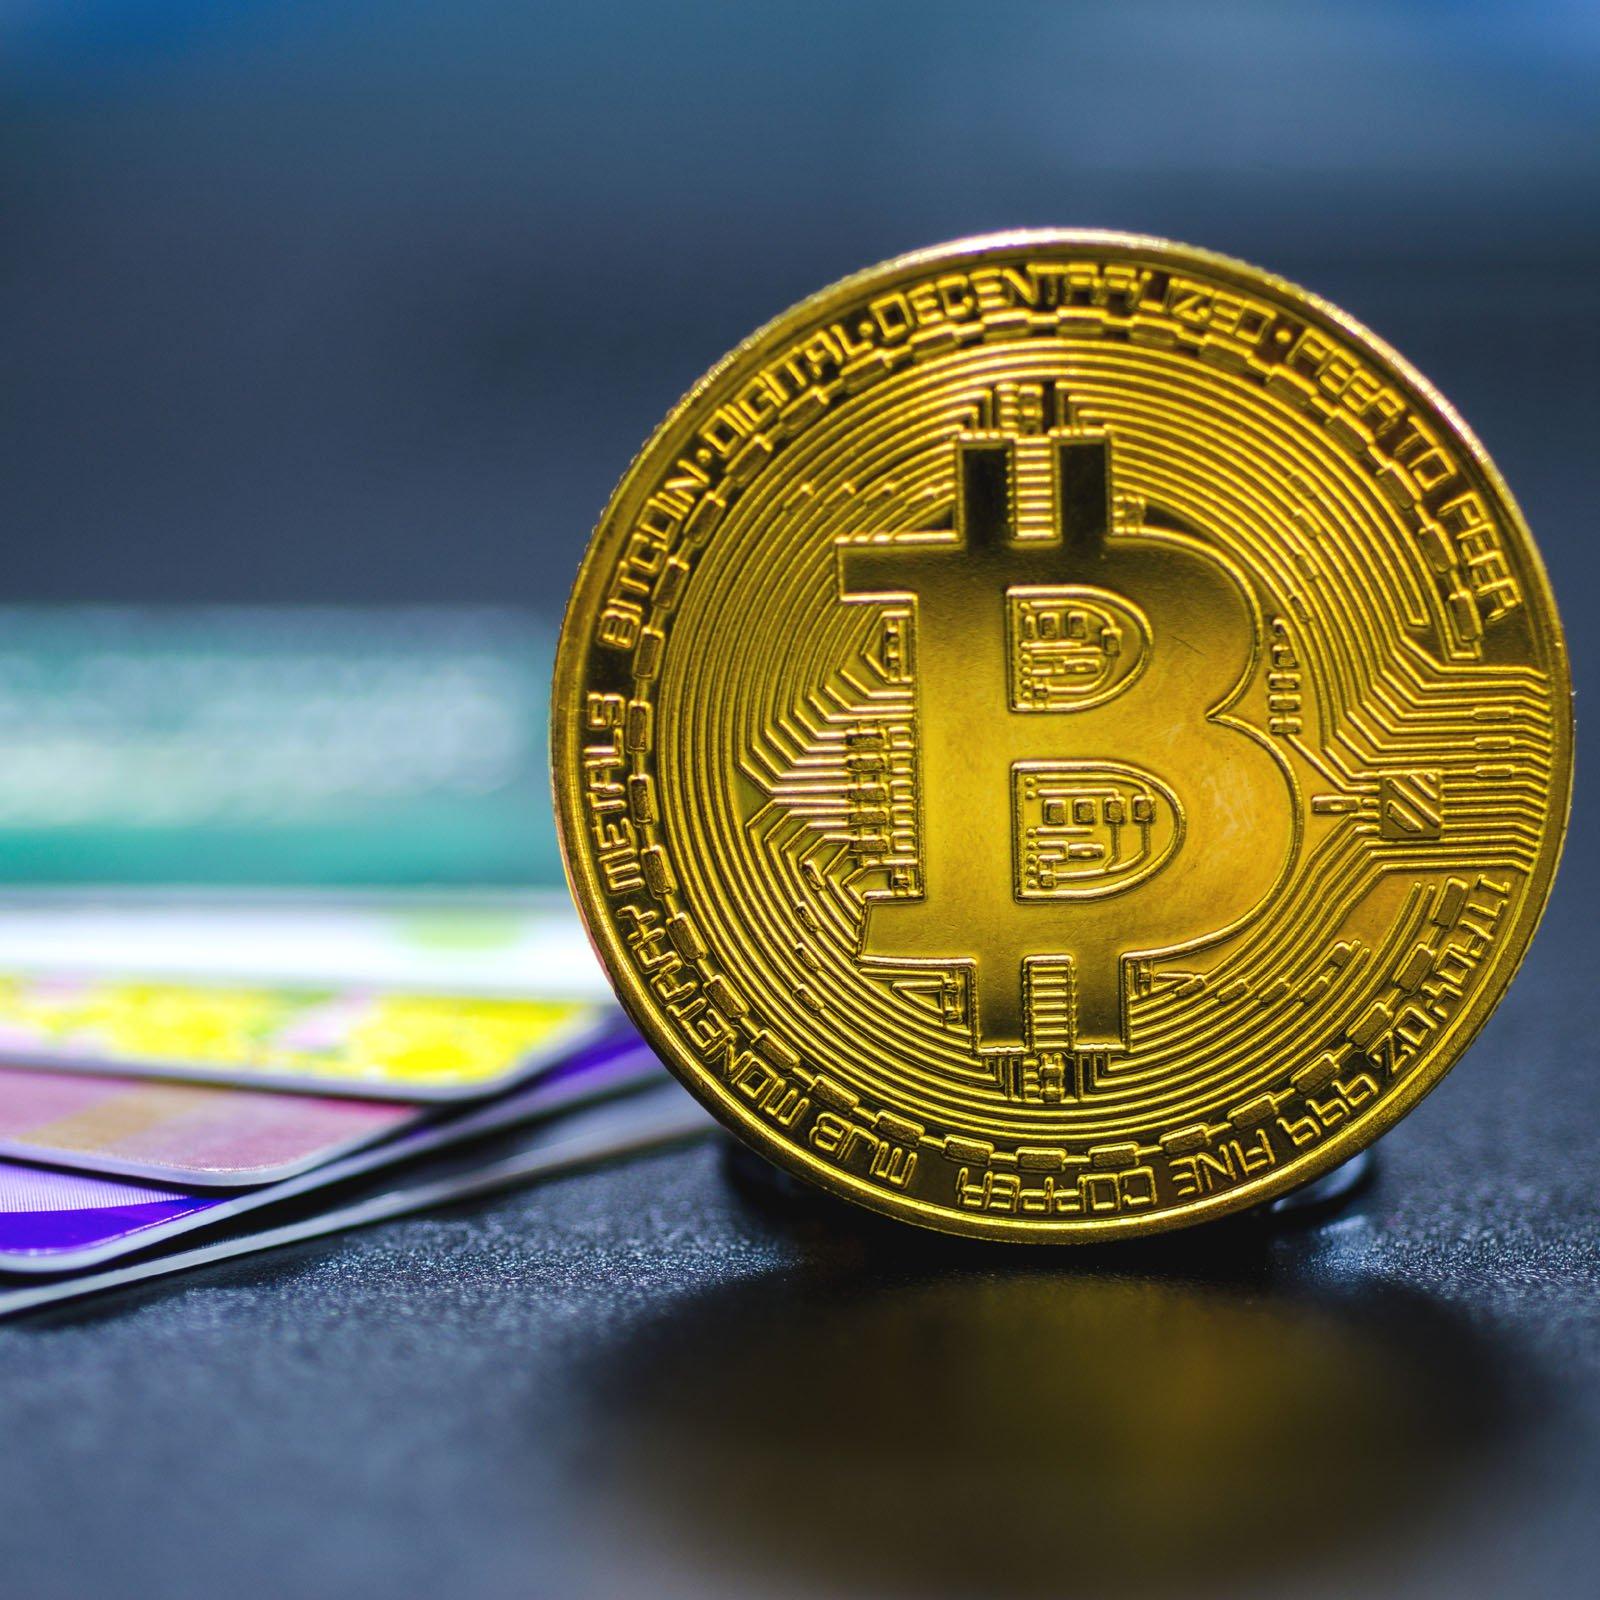 Lời khuyên dành cho trader khi lựa chọn sàn giao dịch tiền điện tử